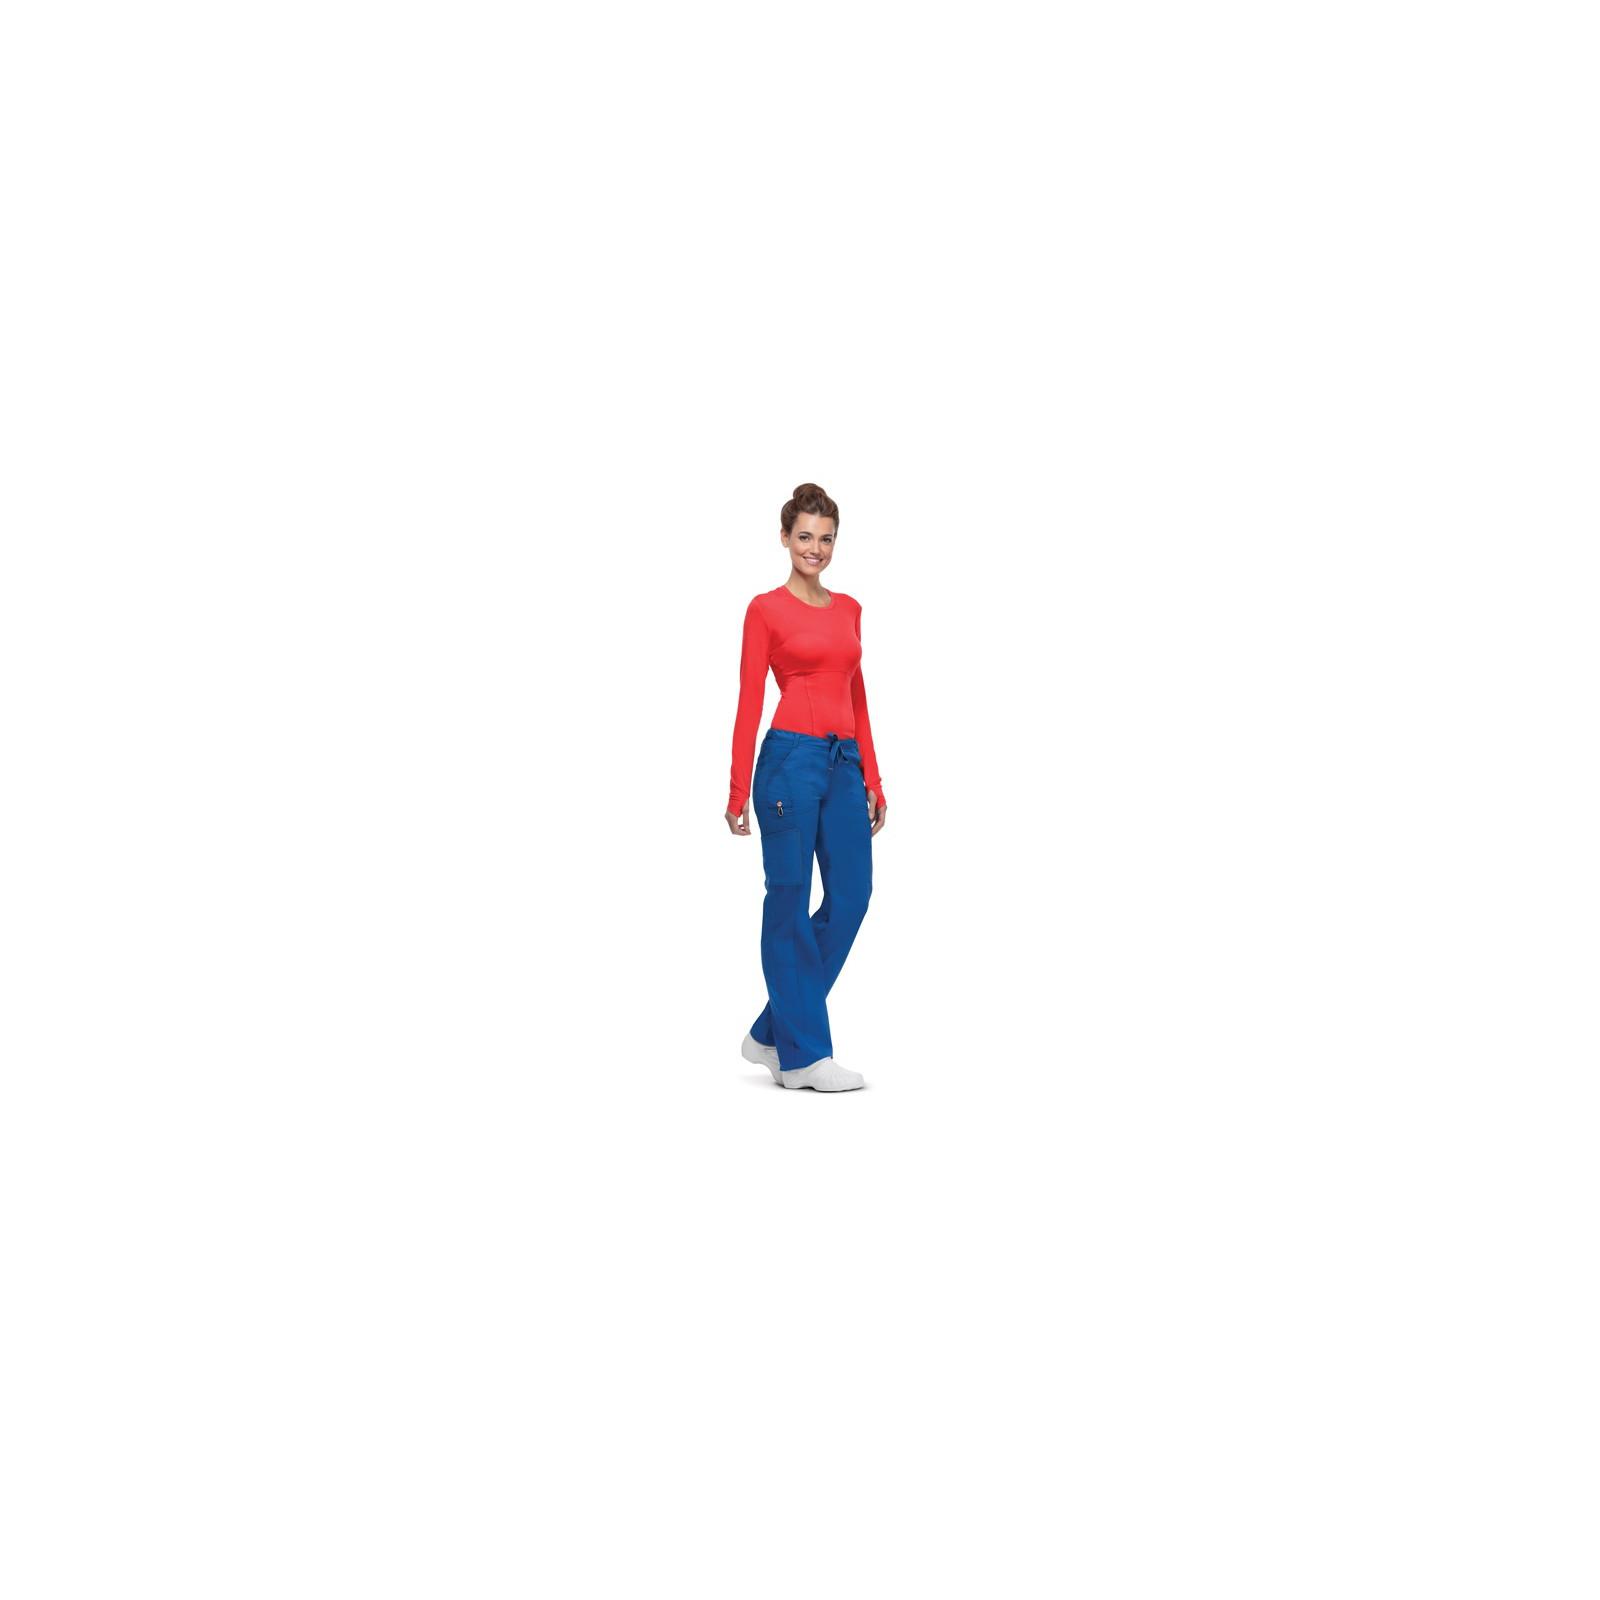 Pantalon anti-tâches et antimicrobien femme, Code happy (46000AB)